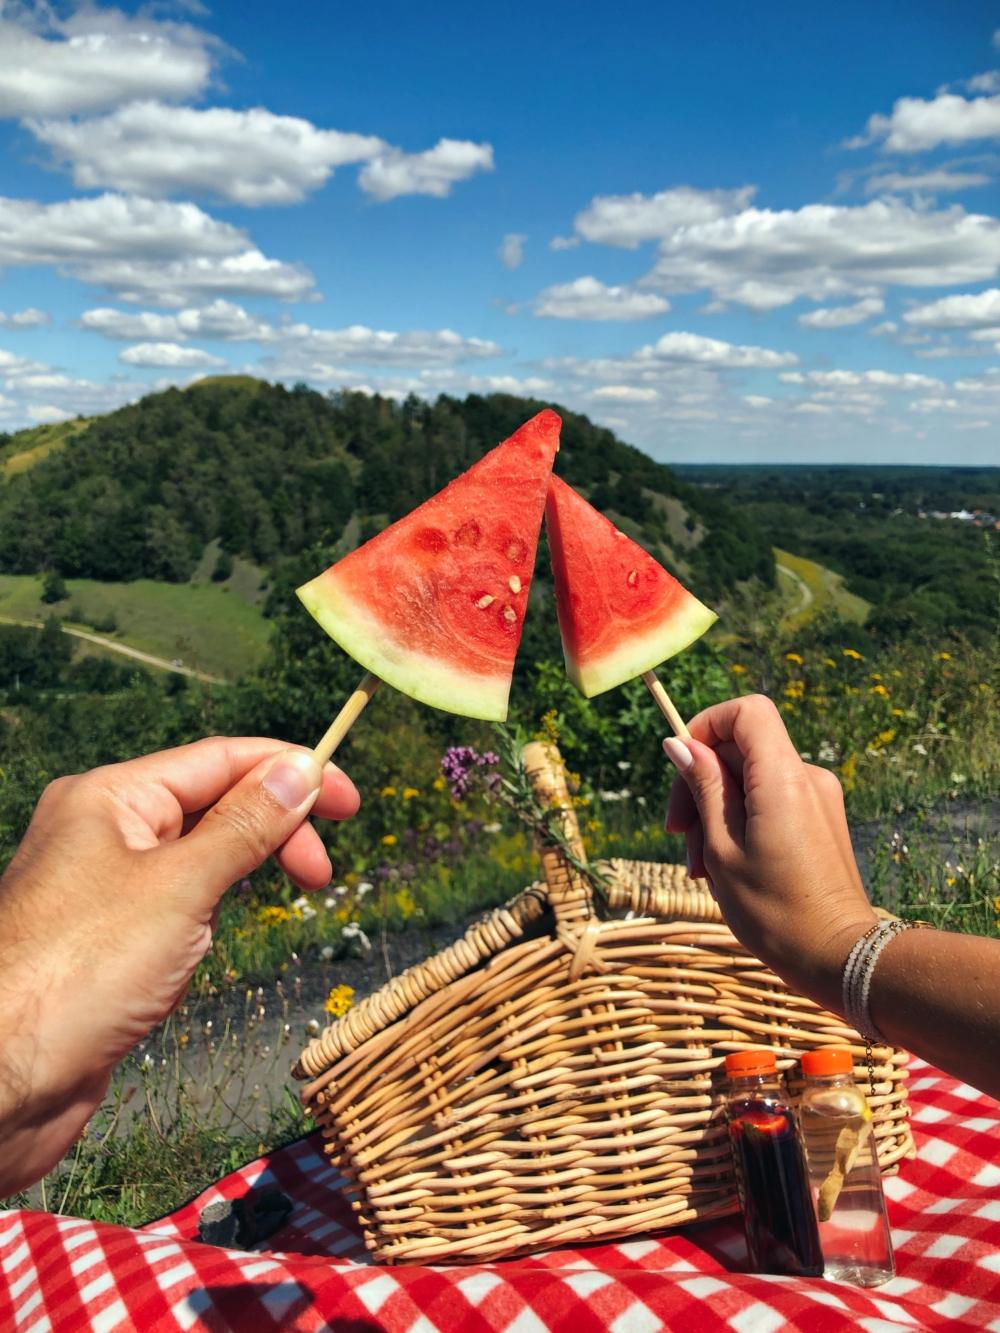 Watermelon sugar, high!